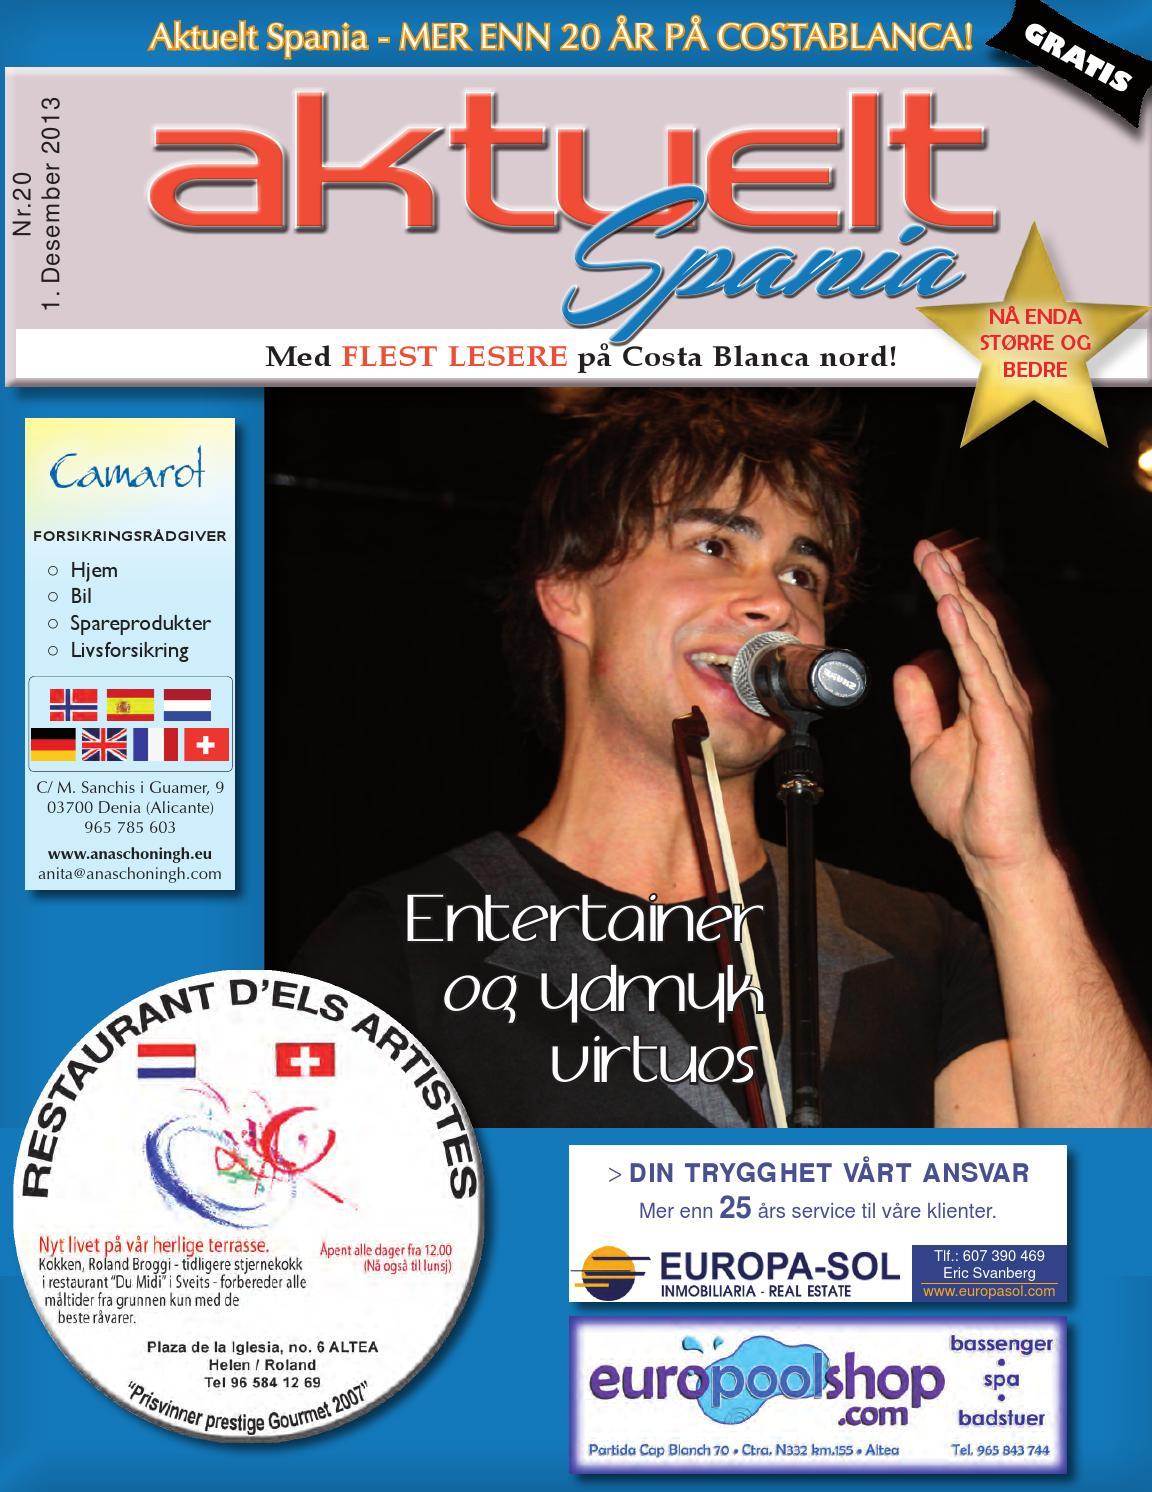 91e91473 Aktuelt Spania #20, 2013 by Aktuelt Spania - issuu